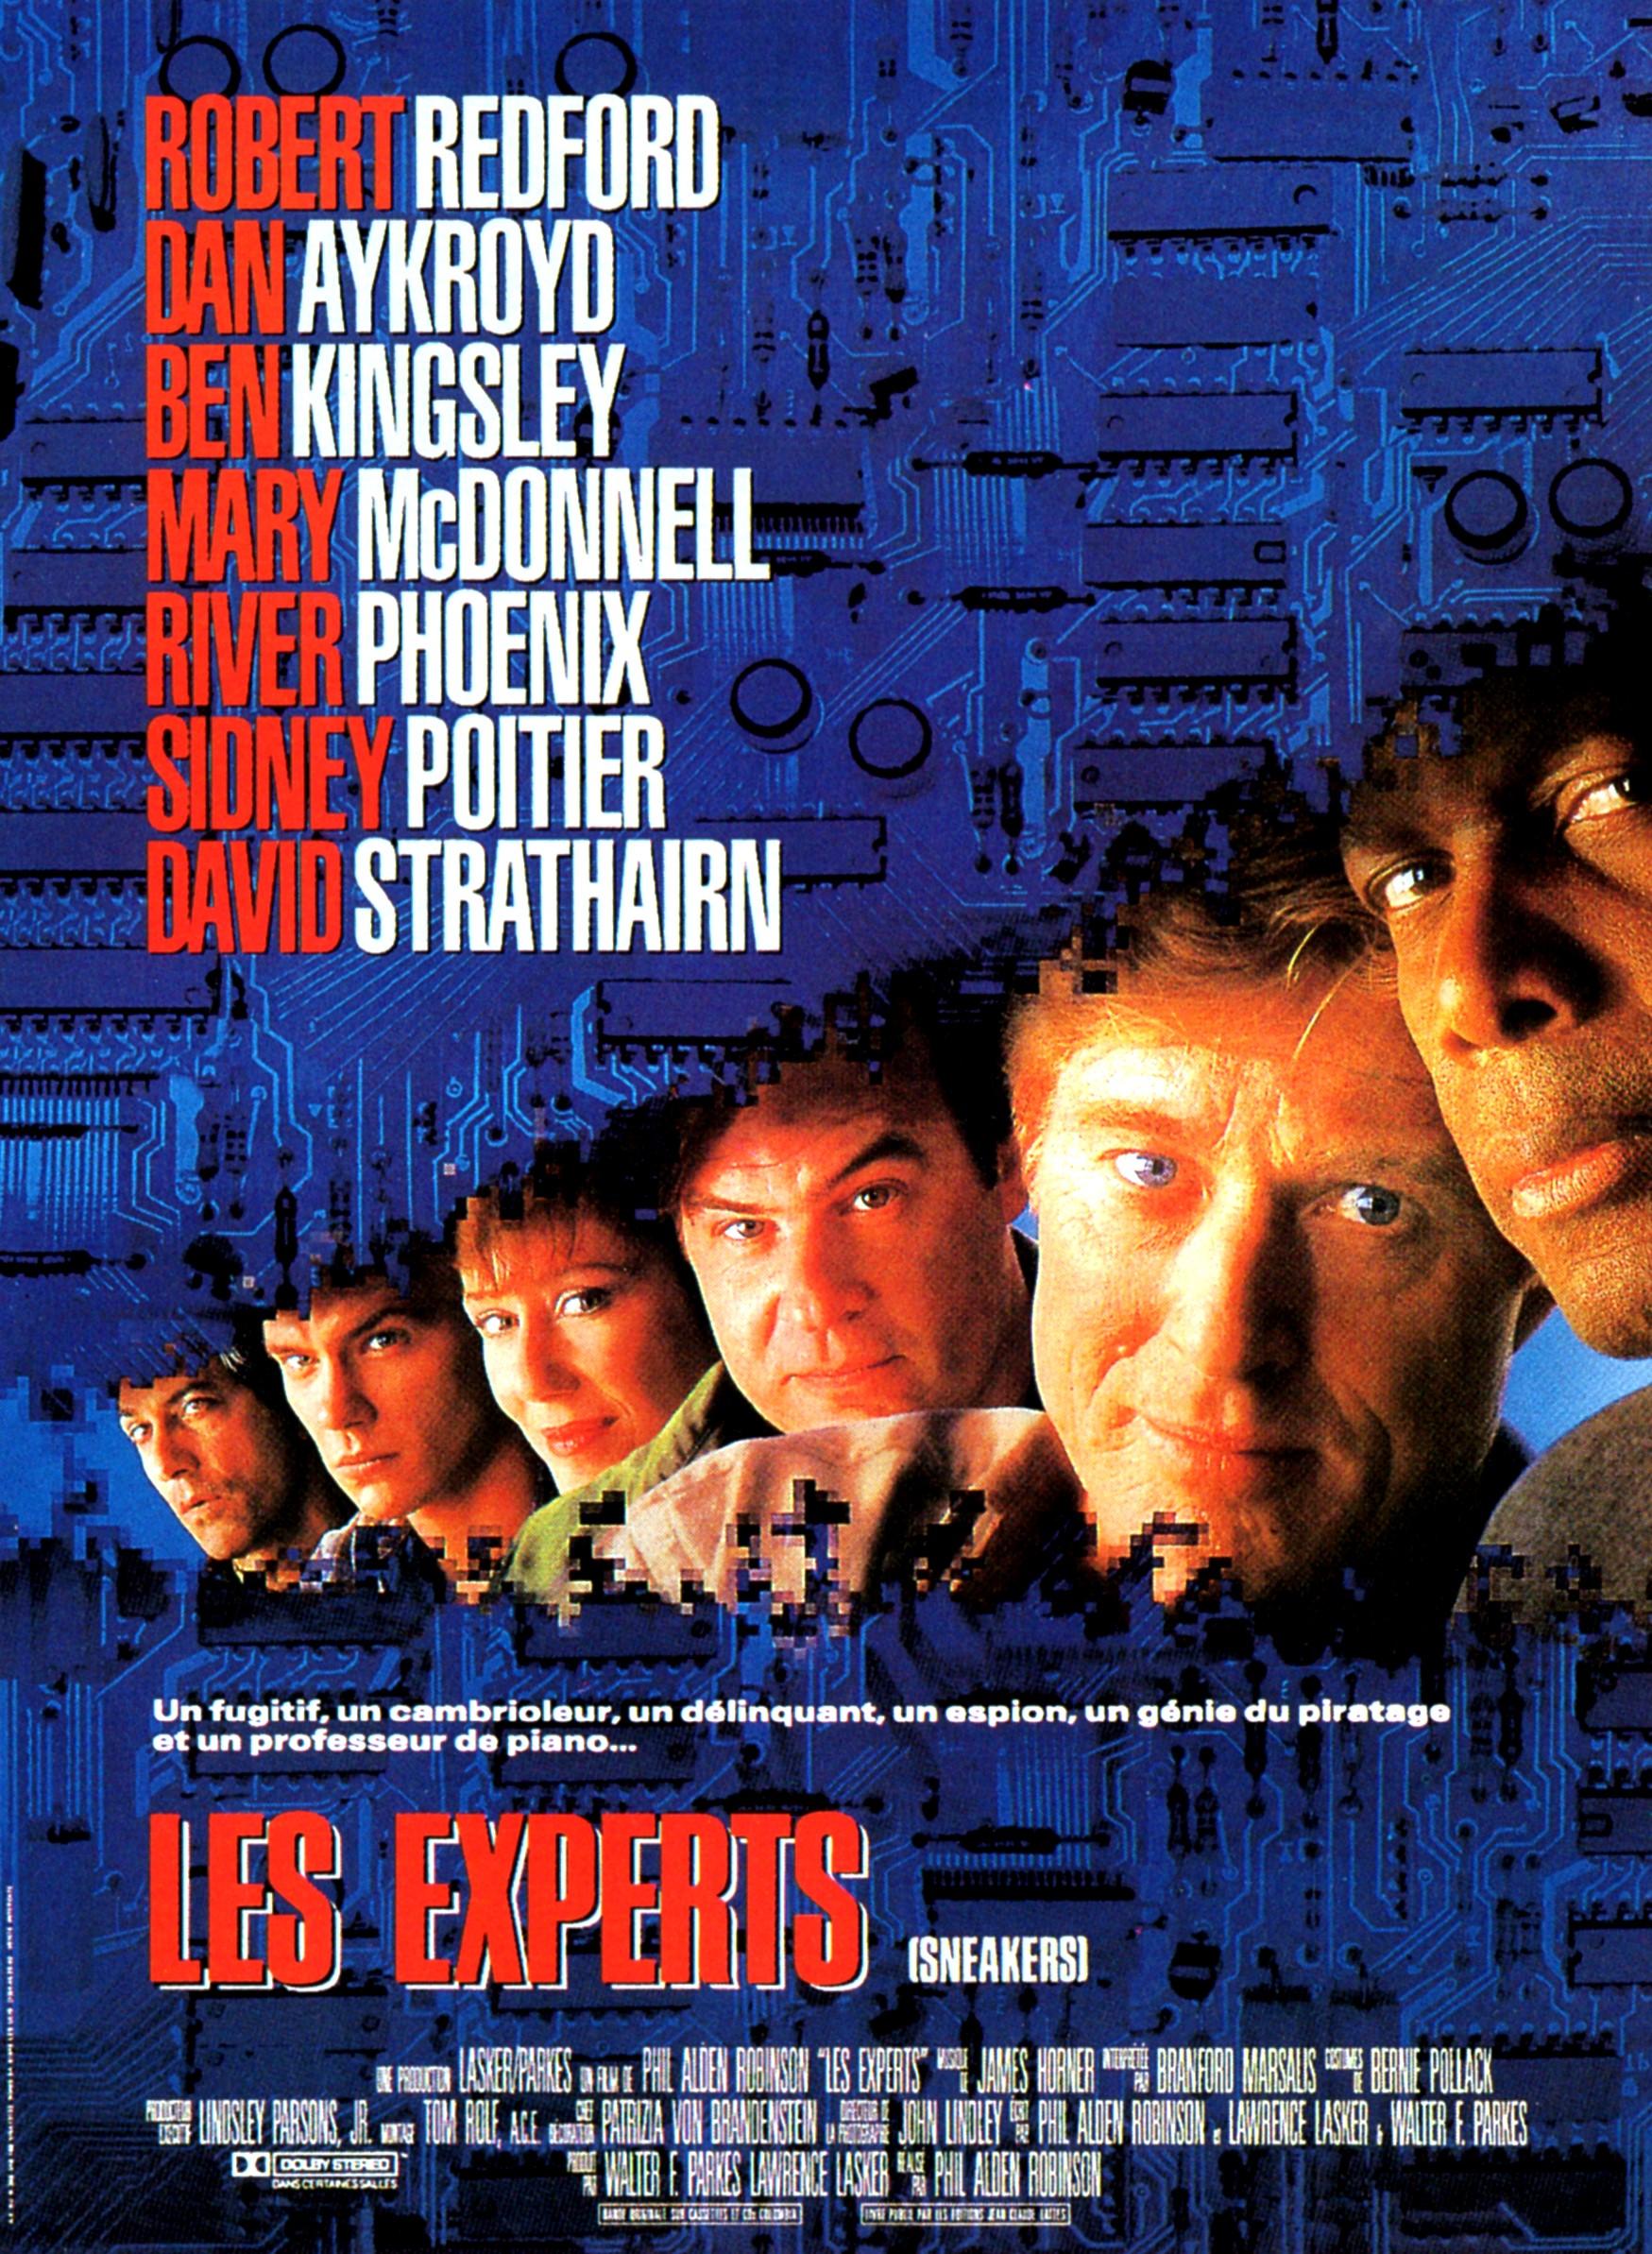 affiche du film Les experts (1992)